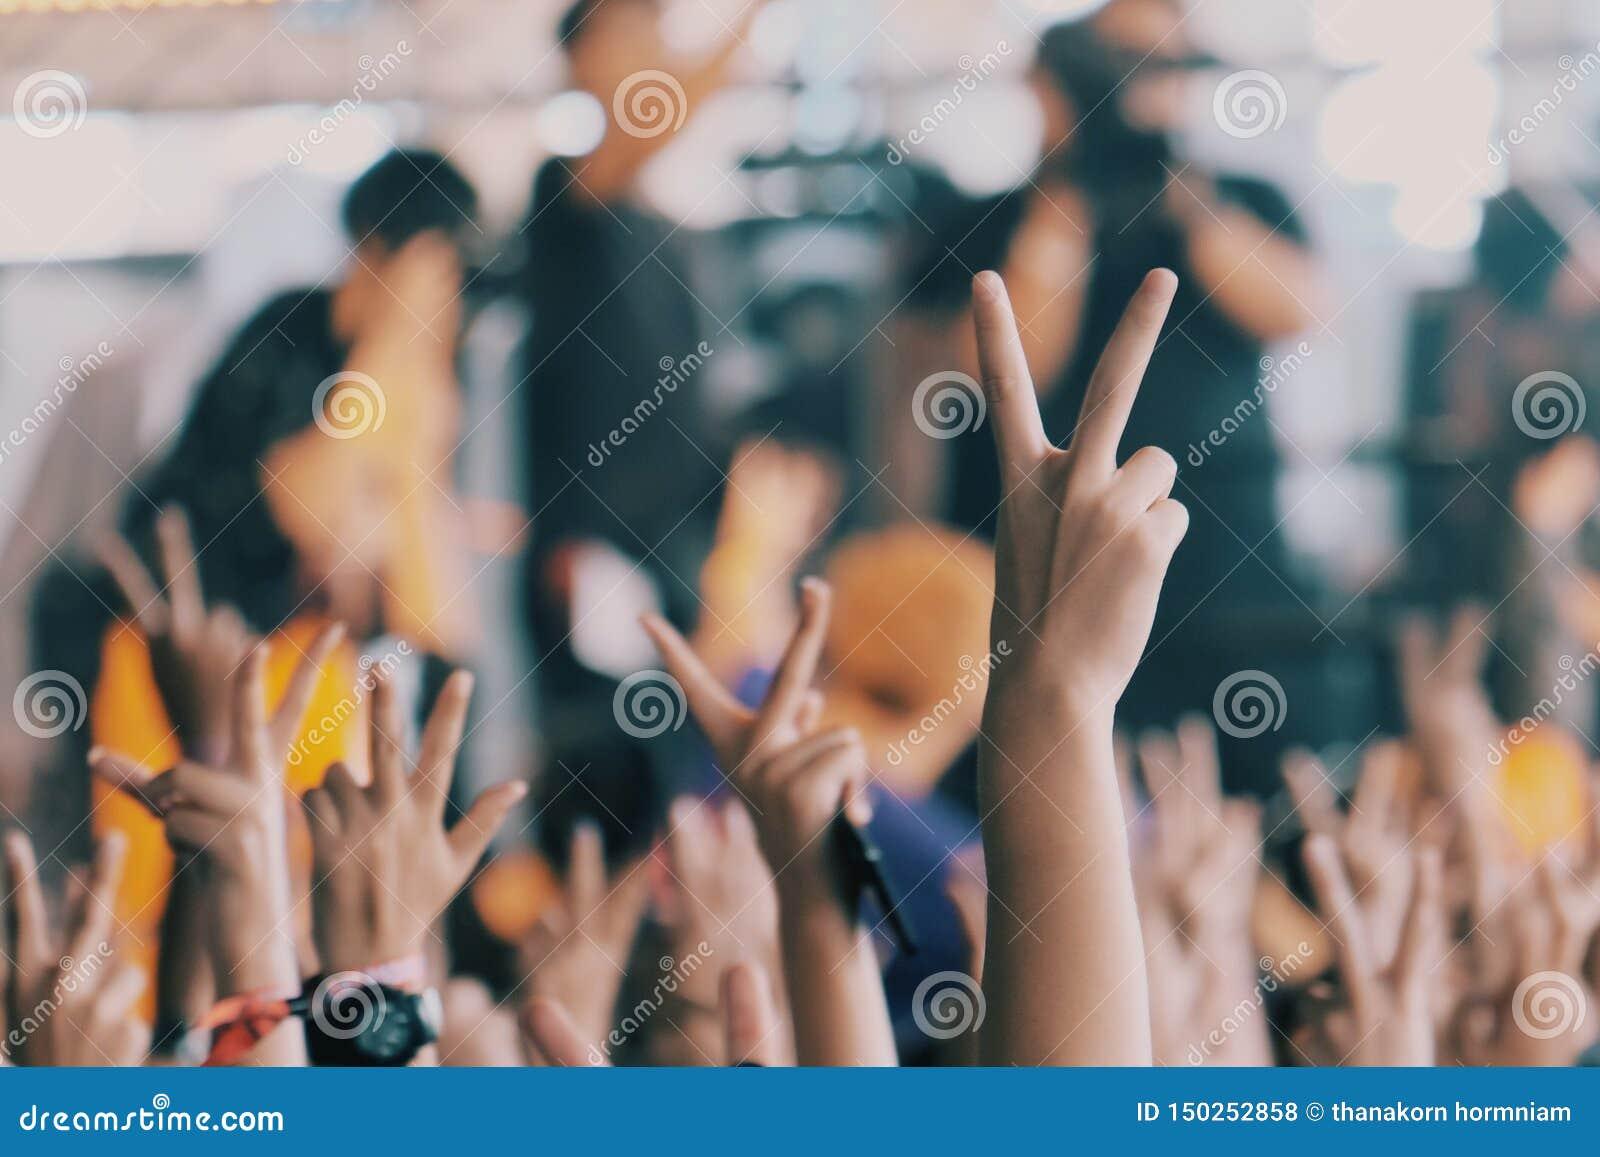 Leute hielten zwei Finger am Konzert